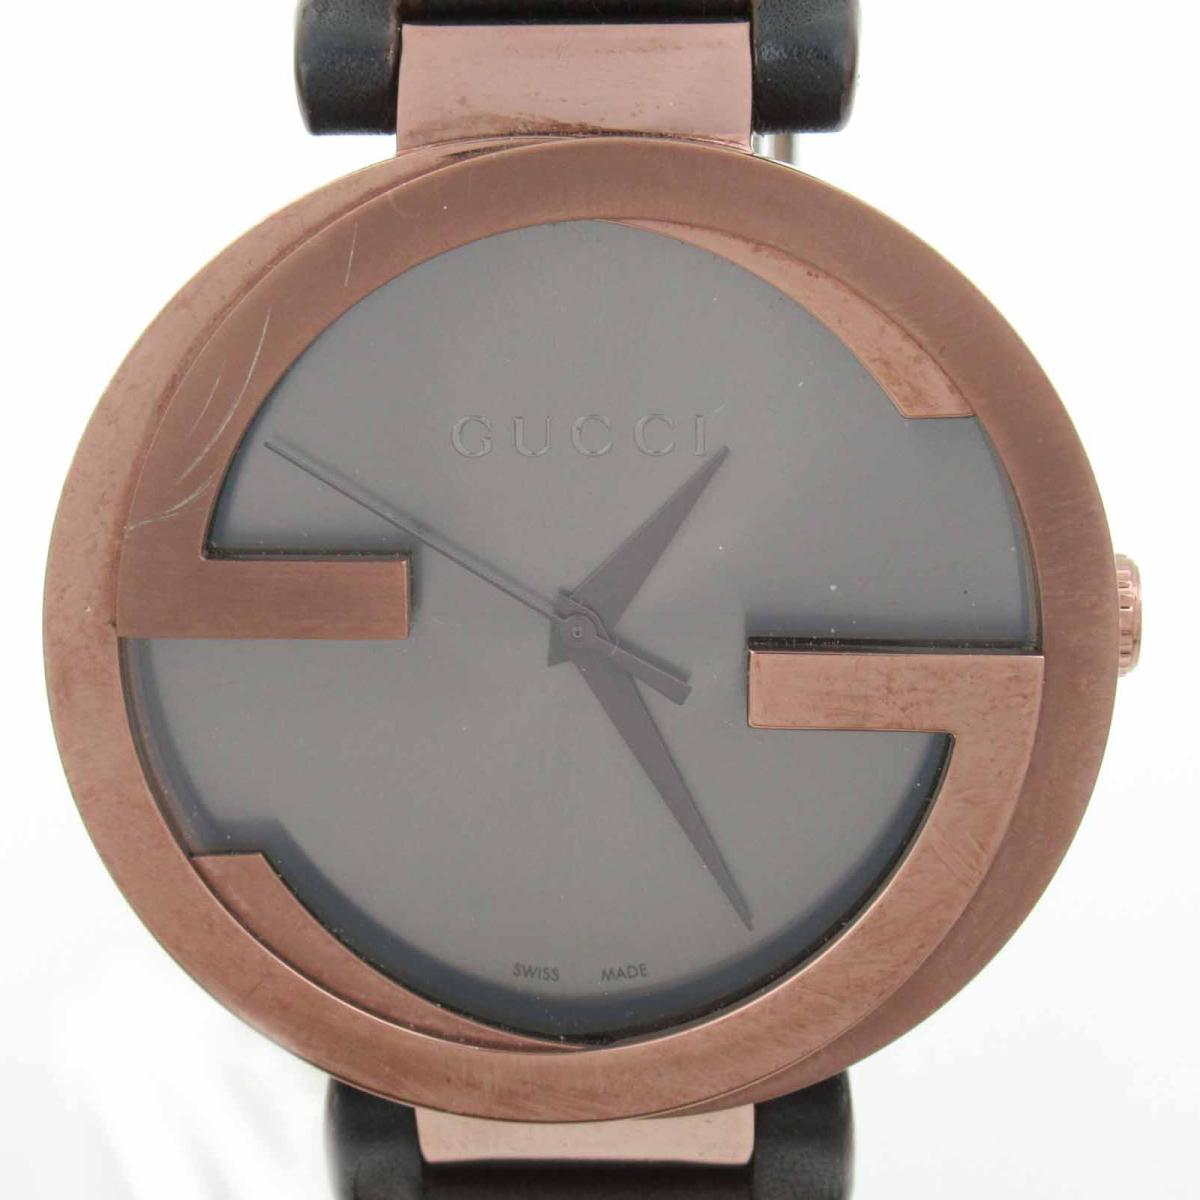 ≪期間限定≫メルマガ登録でクーポンGET! 【中古】 グッチ 時計 ウォッチ 腕時計 メンズ ステンレススチール (SS) レザーベルト (133.2) | GUCCI BRANDOFF ブランドオフ ブランド ブランド時計 ブランド腕時計